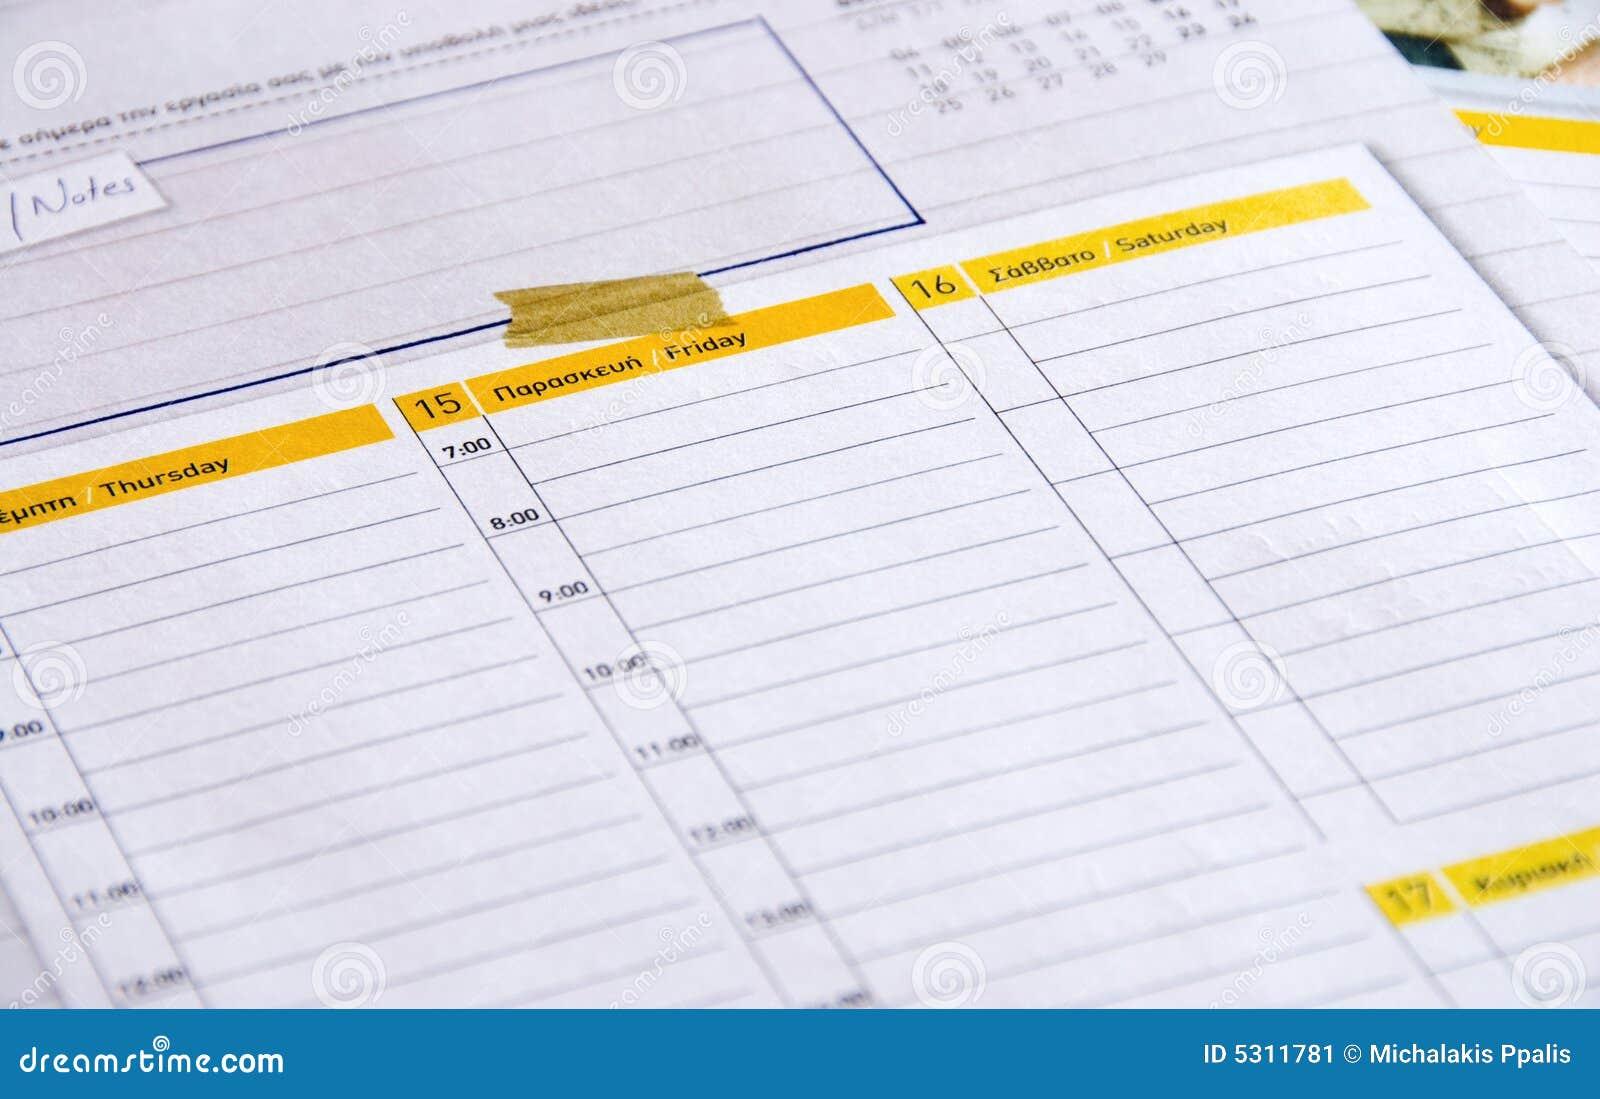 Download Ordine Del Giorno Personale Immagine Stock - Immagine di personale, carta: 5311781